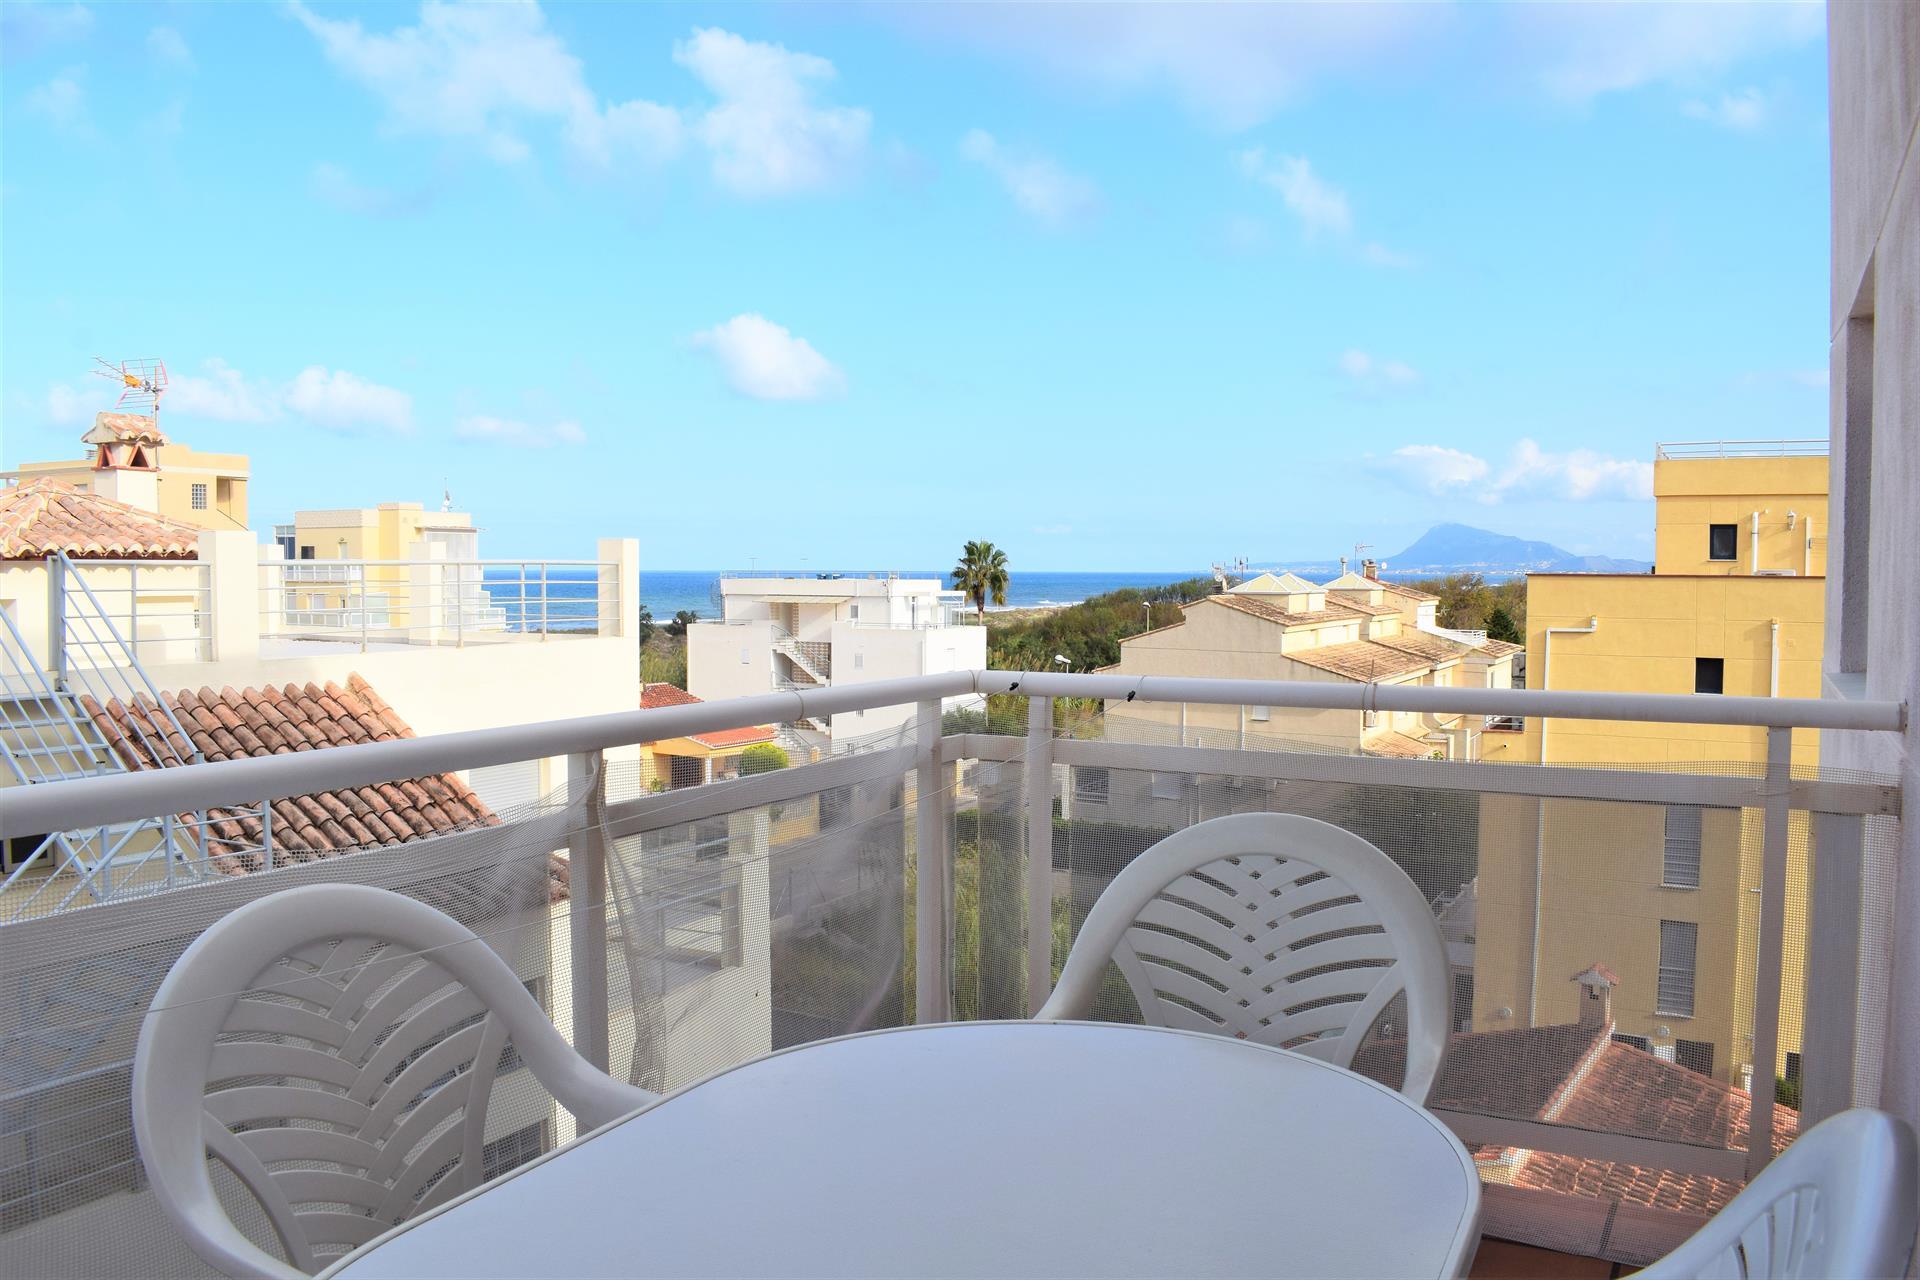 AP348 Sector 5 illa de Gerba,Apartamento bonito y confortable  con piscina comunitaria en Oliva, en la Costa Blanca, España para 4 personas.....